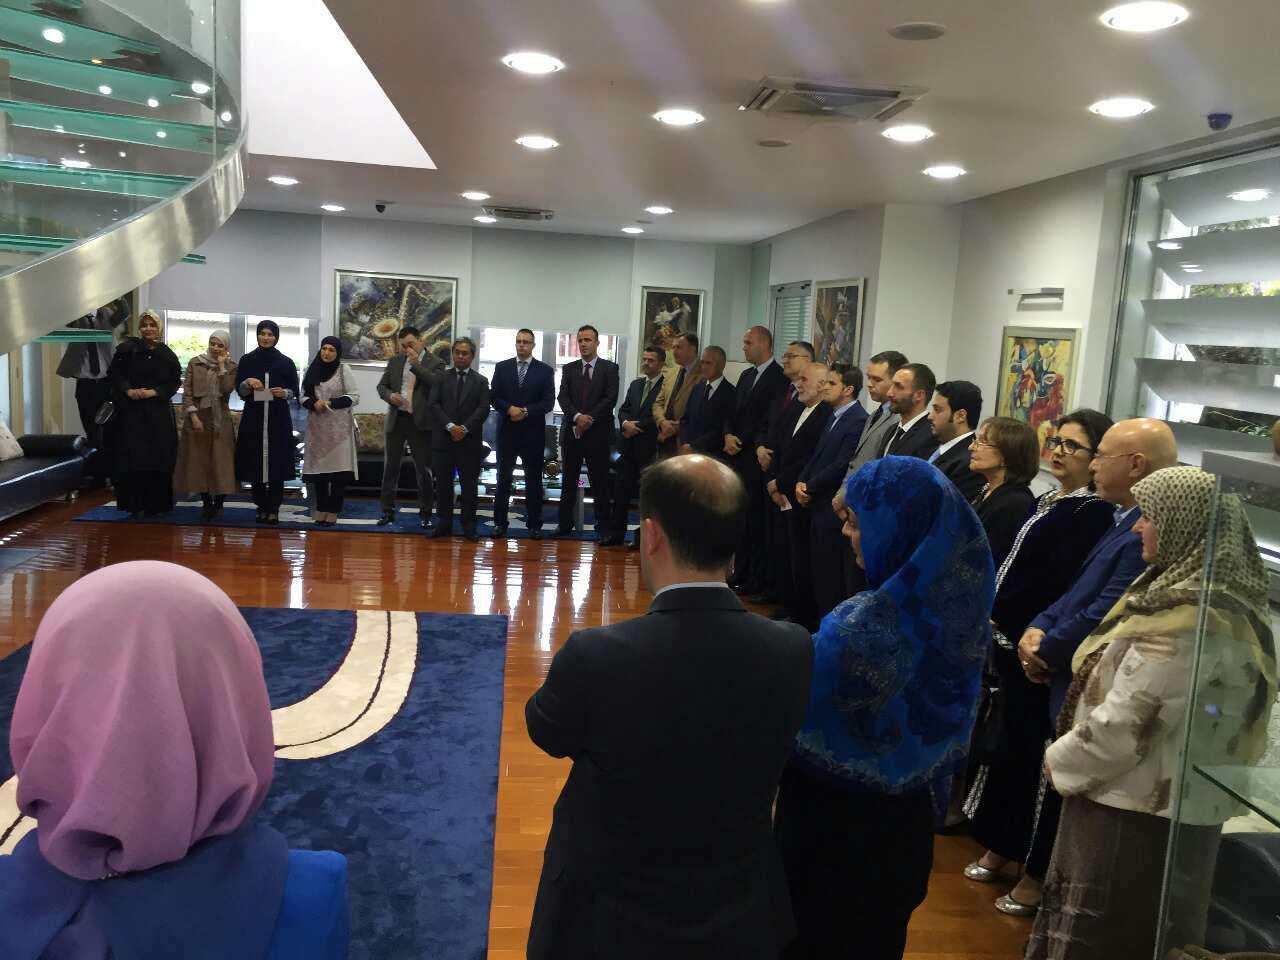 Arapsko muslimansko druženje uk